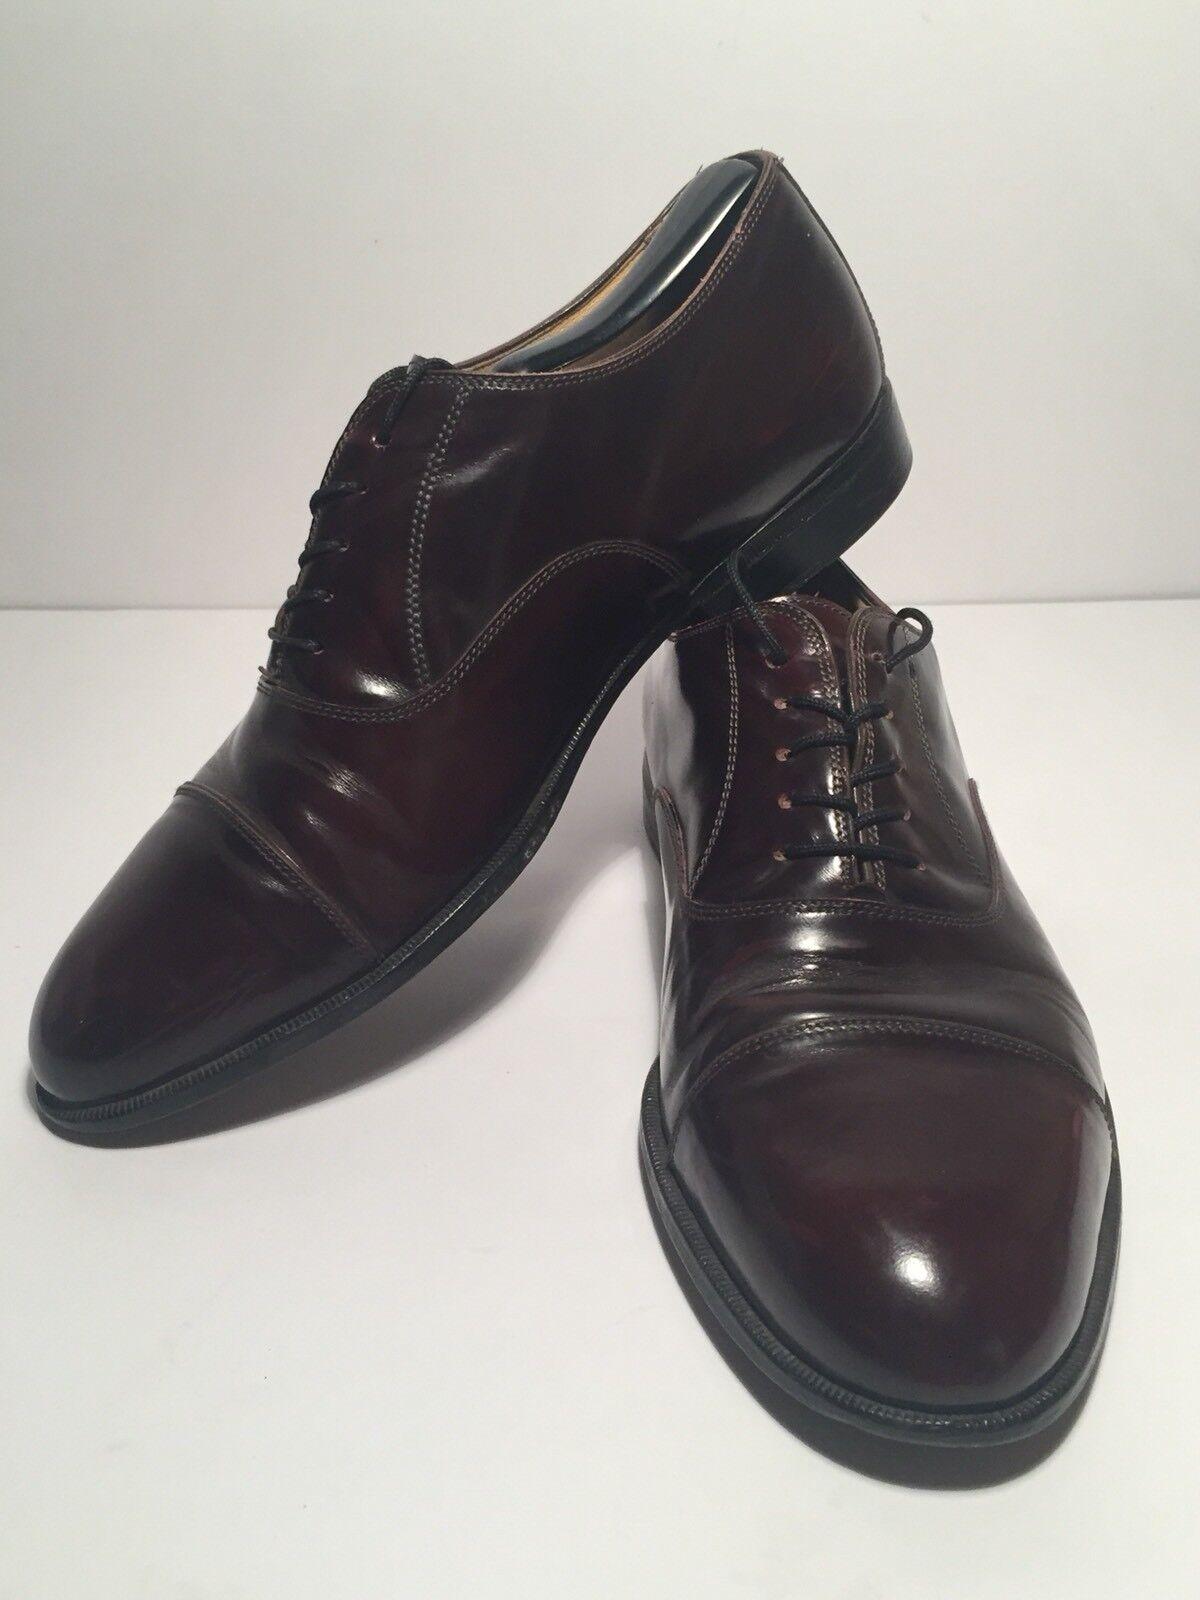 CAPORICCI Men's Burgundy Leather Cap Toe Dress shoes Size 8.5